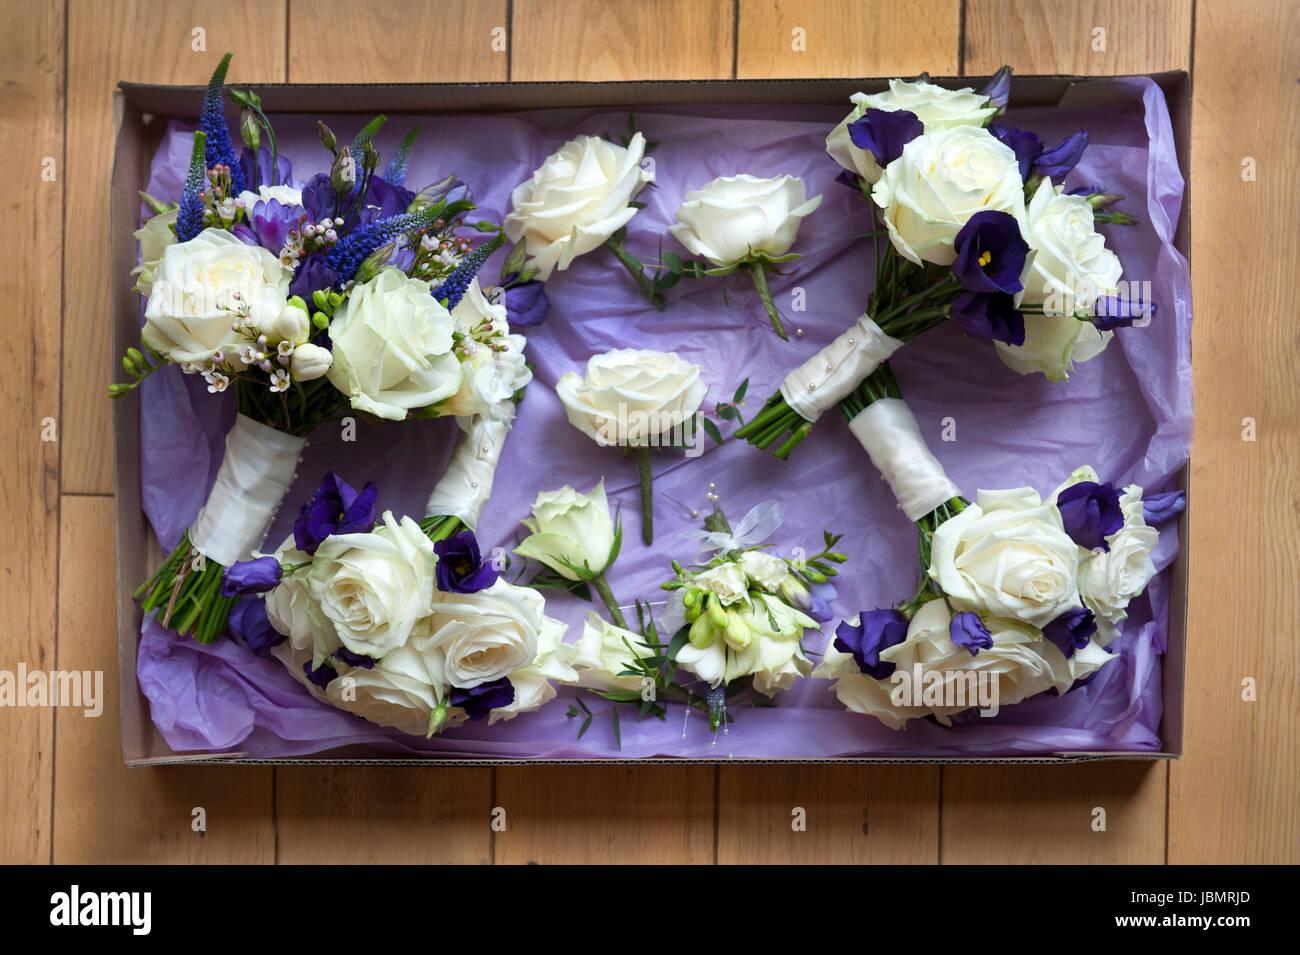 Feld Der Hochzeitsblumen In Weiss Und Lila Stockfoto Bild 144901749